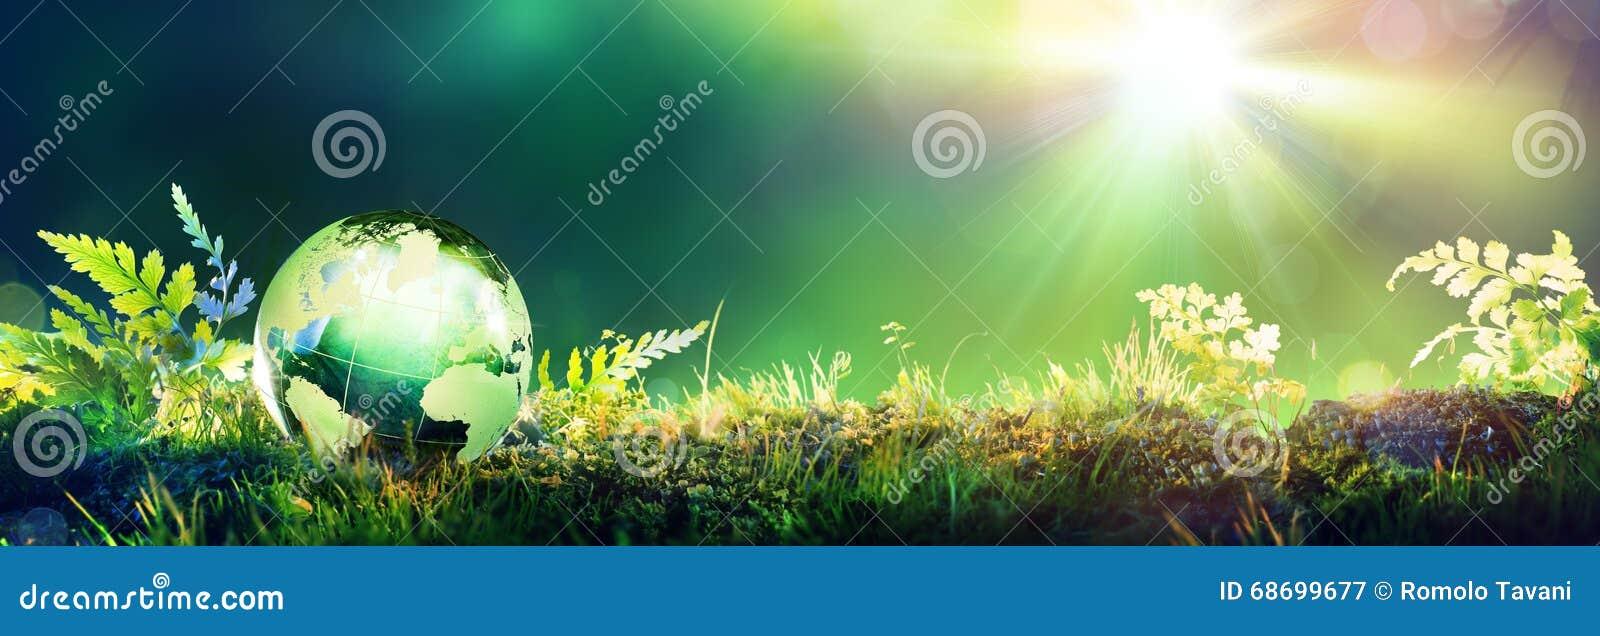 Grüne Kugel auf Moos